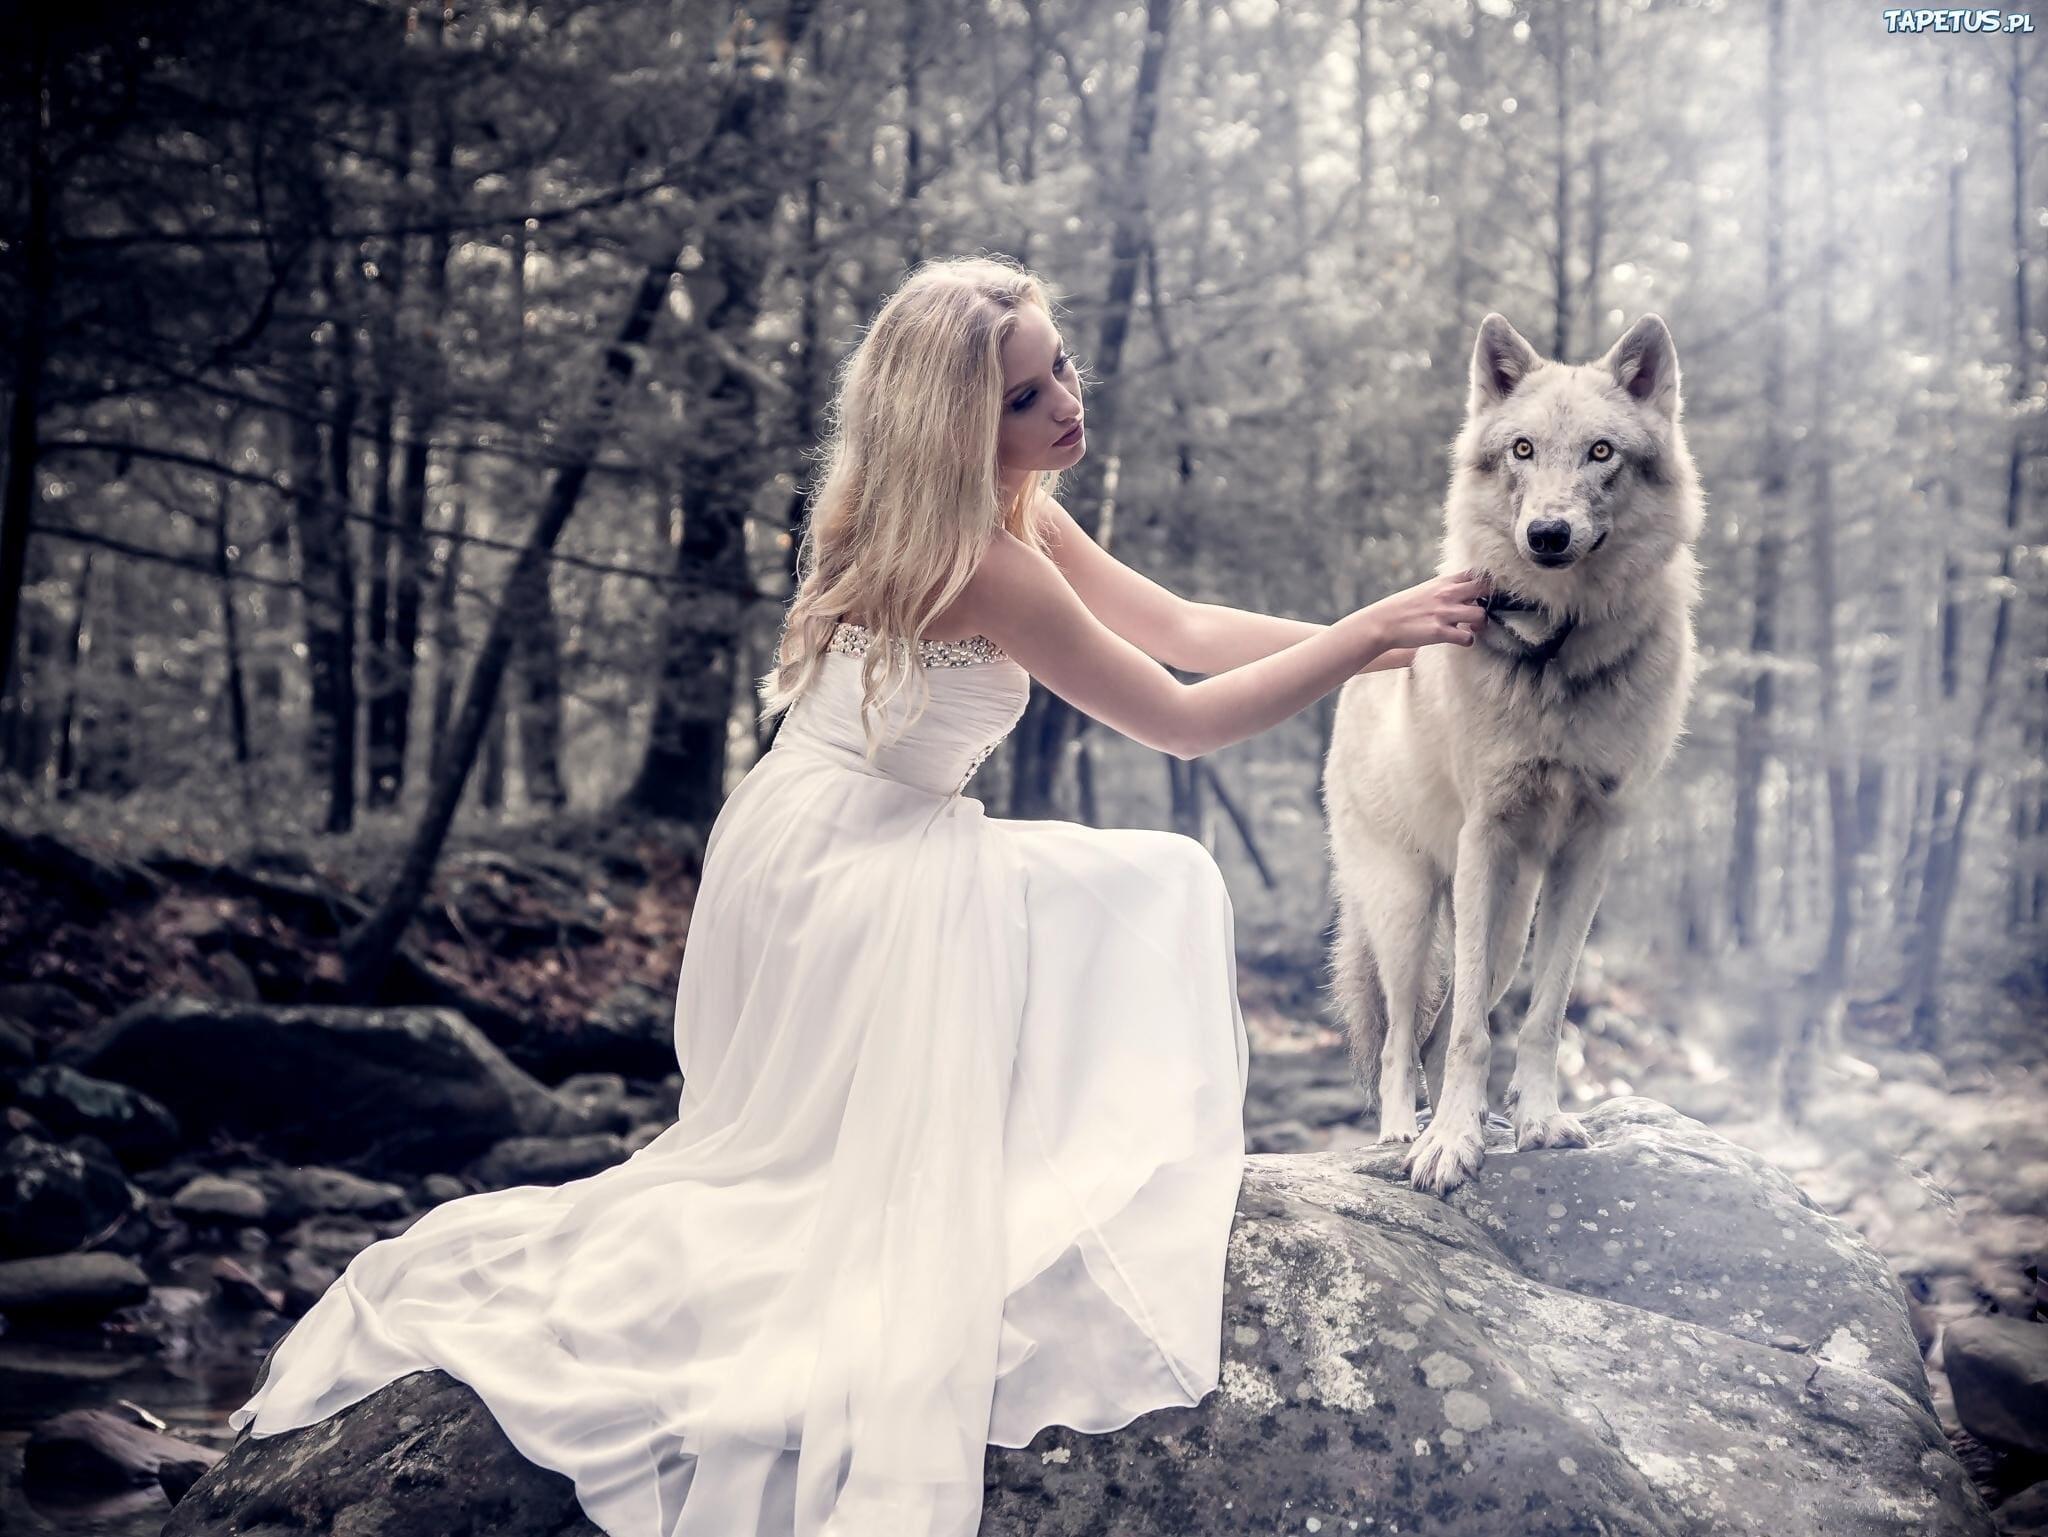 obrazki n 214389 kobieta suknia las kamienie wilk